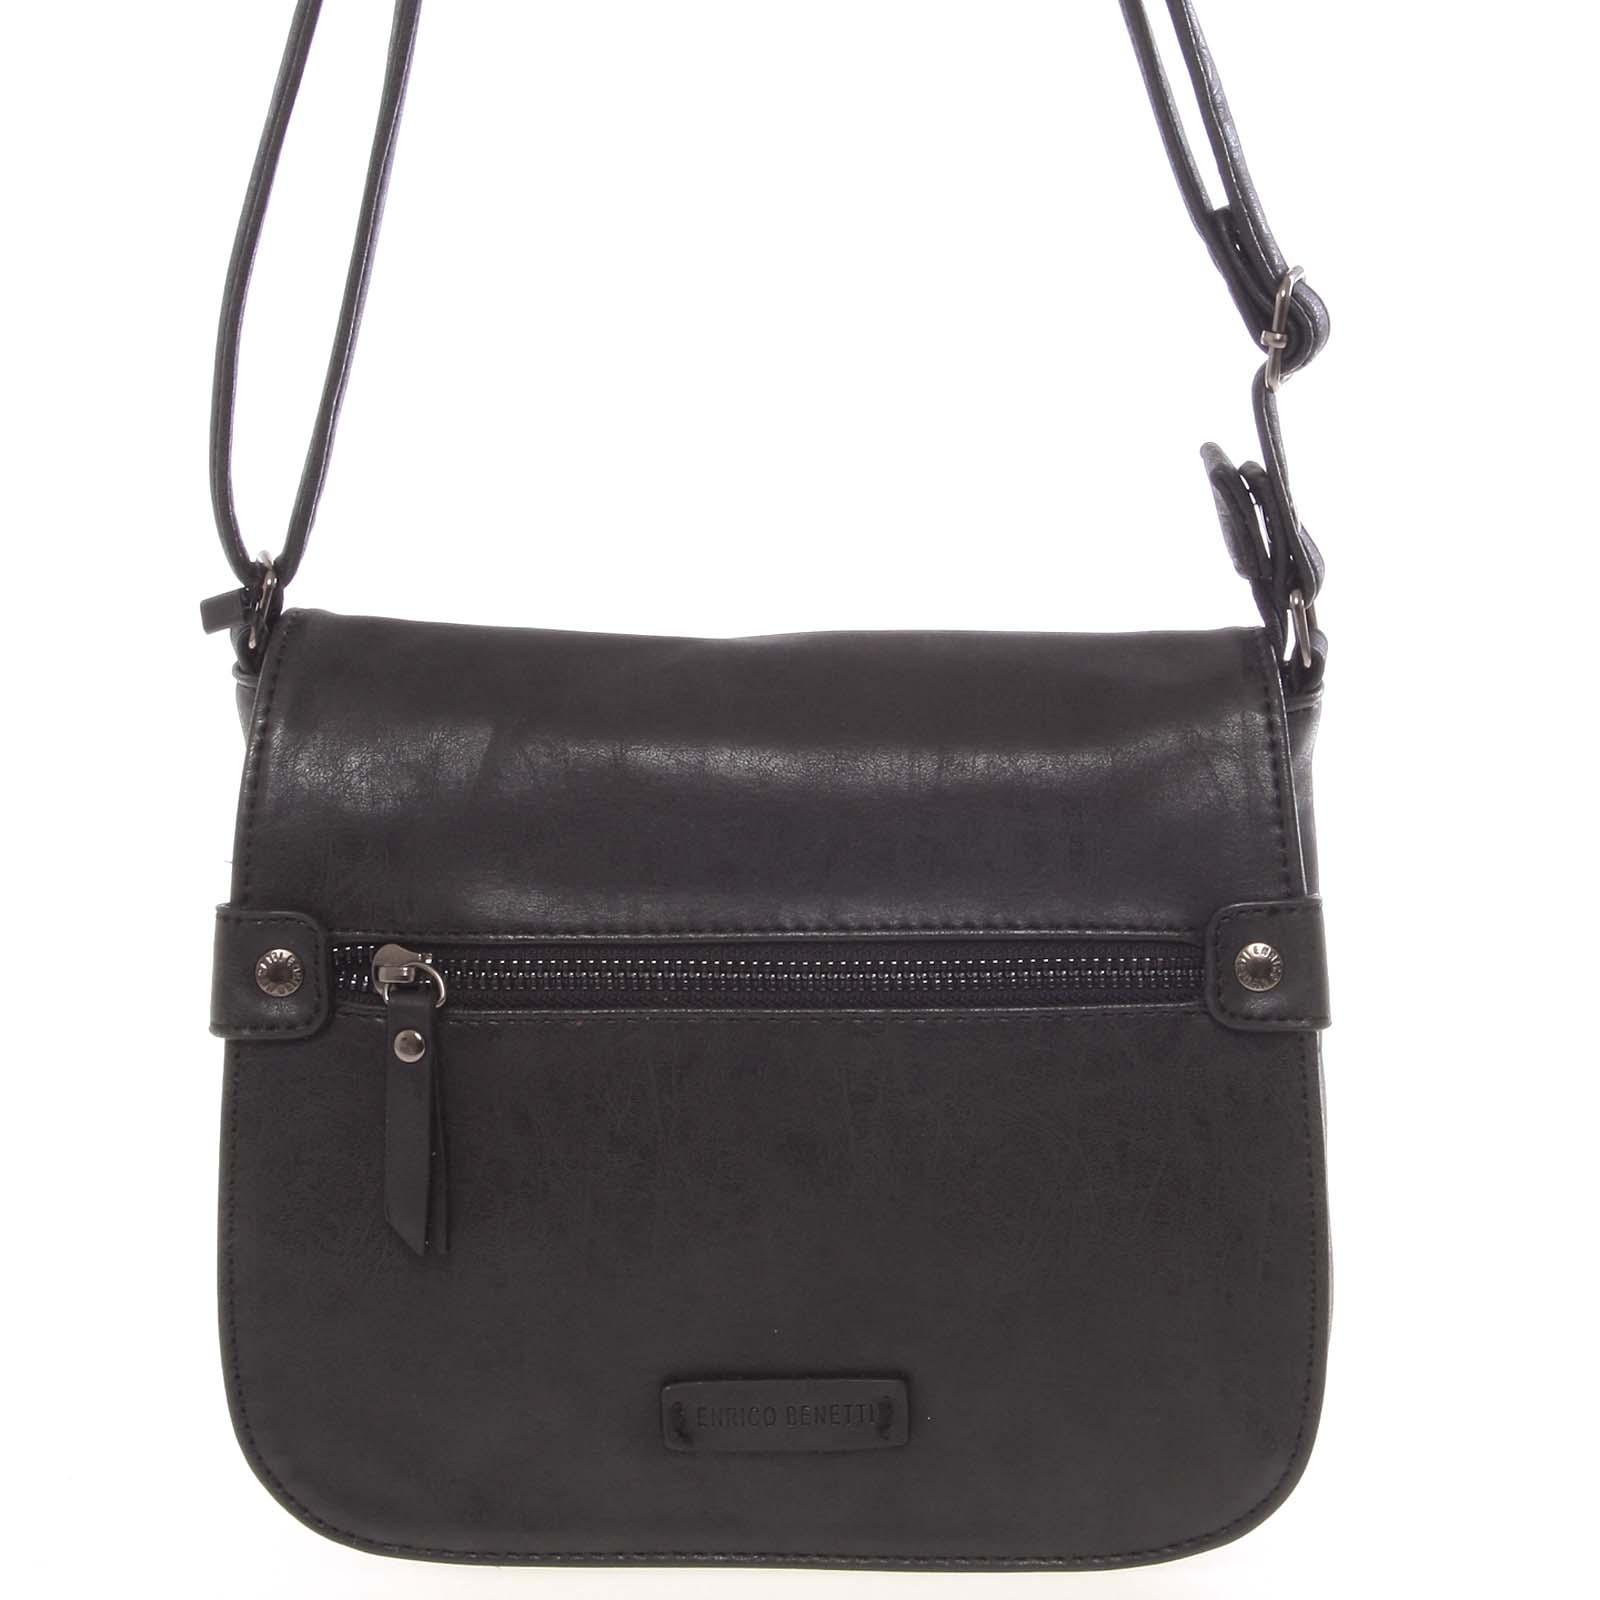 Moderní dámská crossbody kabelka černá - Enrico Benetti Ghina